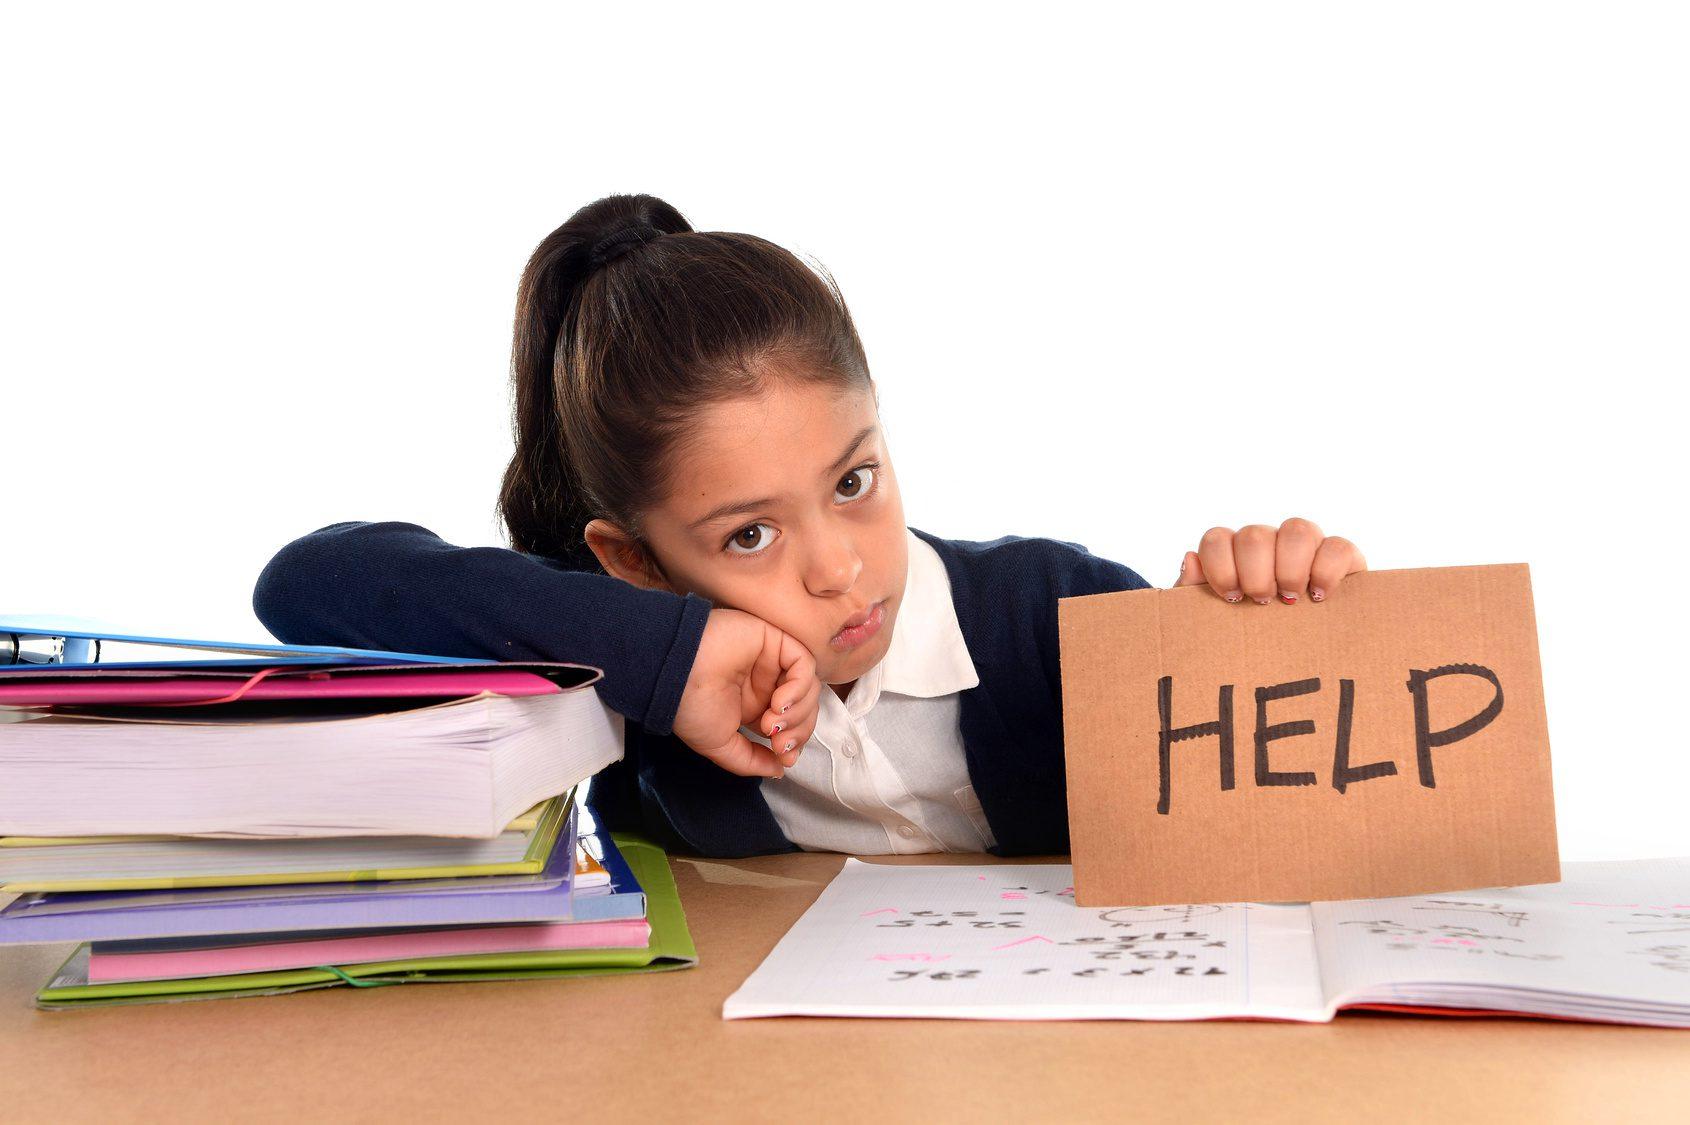 هل طفلك مضغوط نفسياً؟ إليك الأعراض والحل